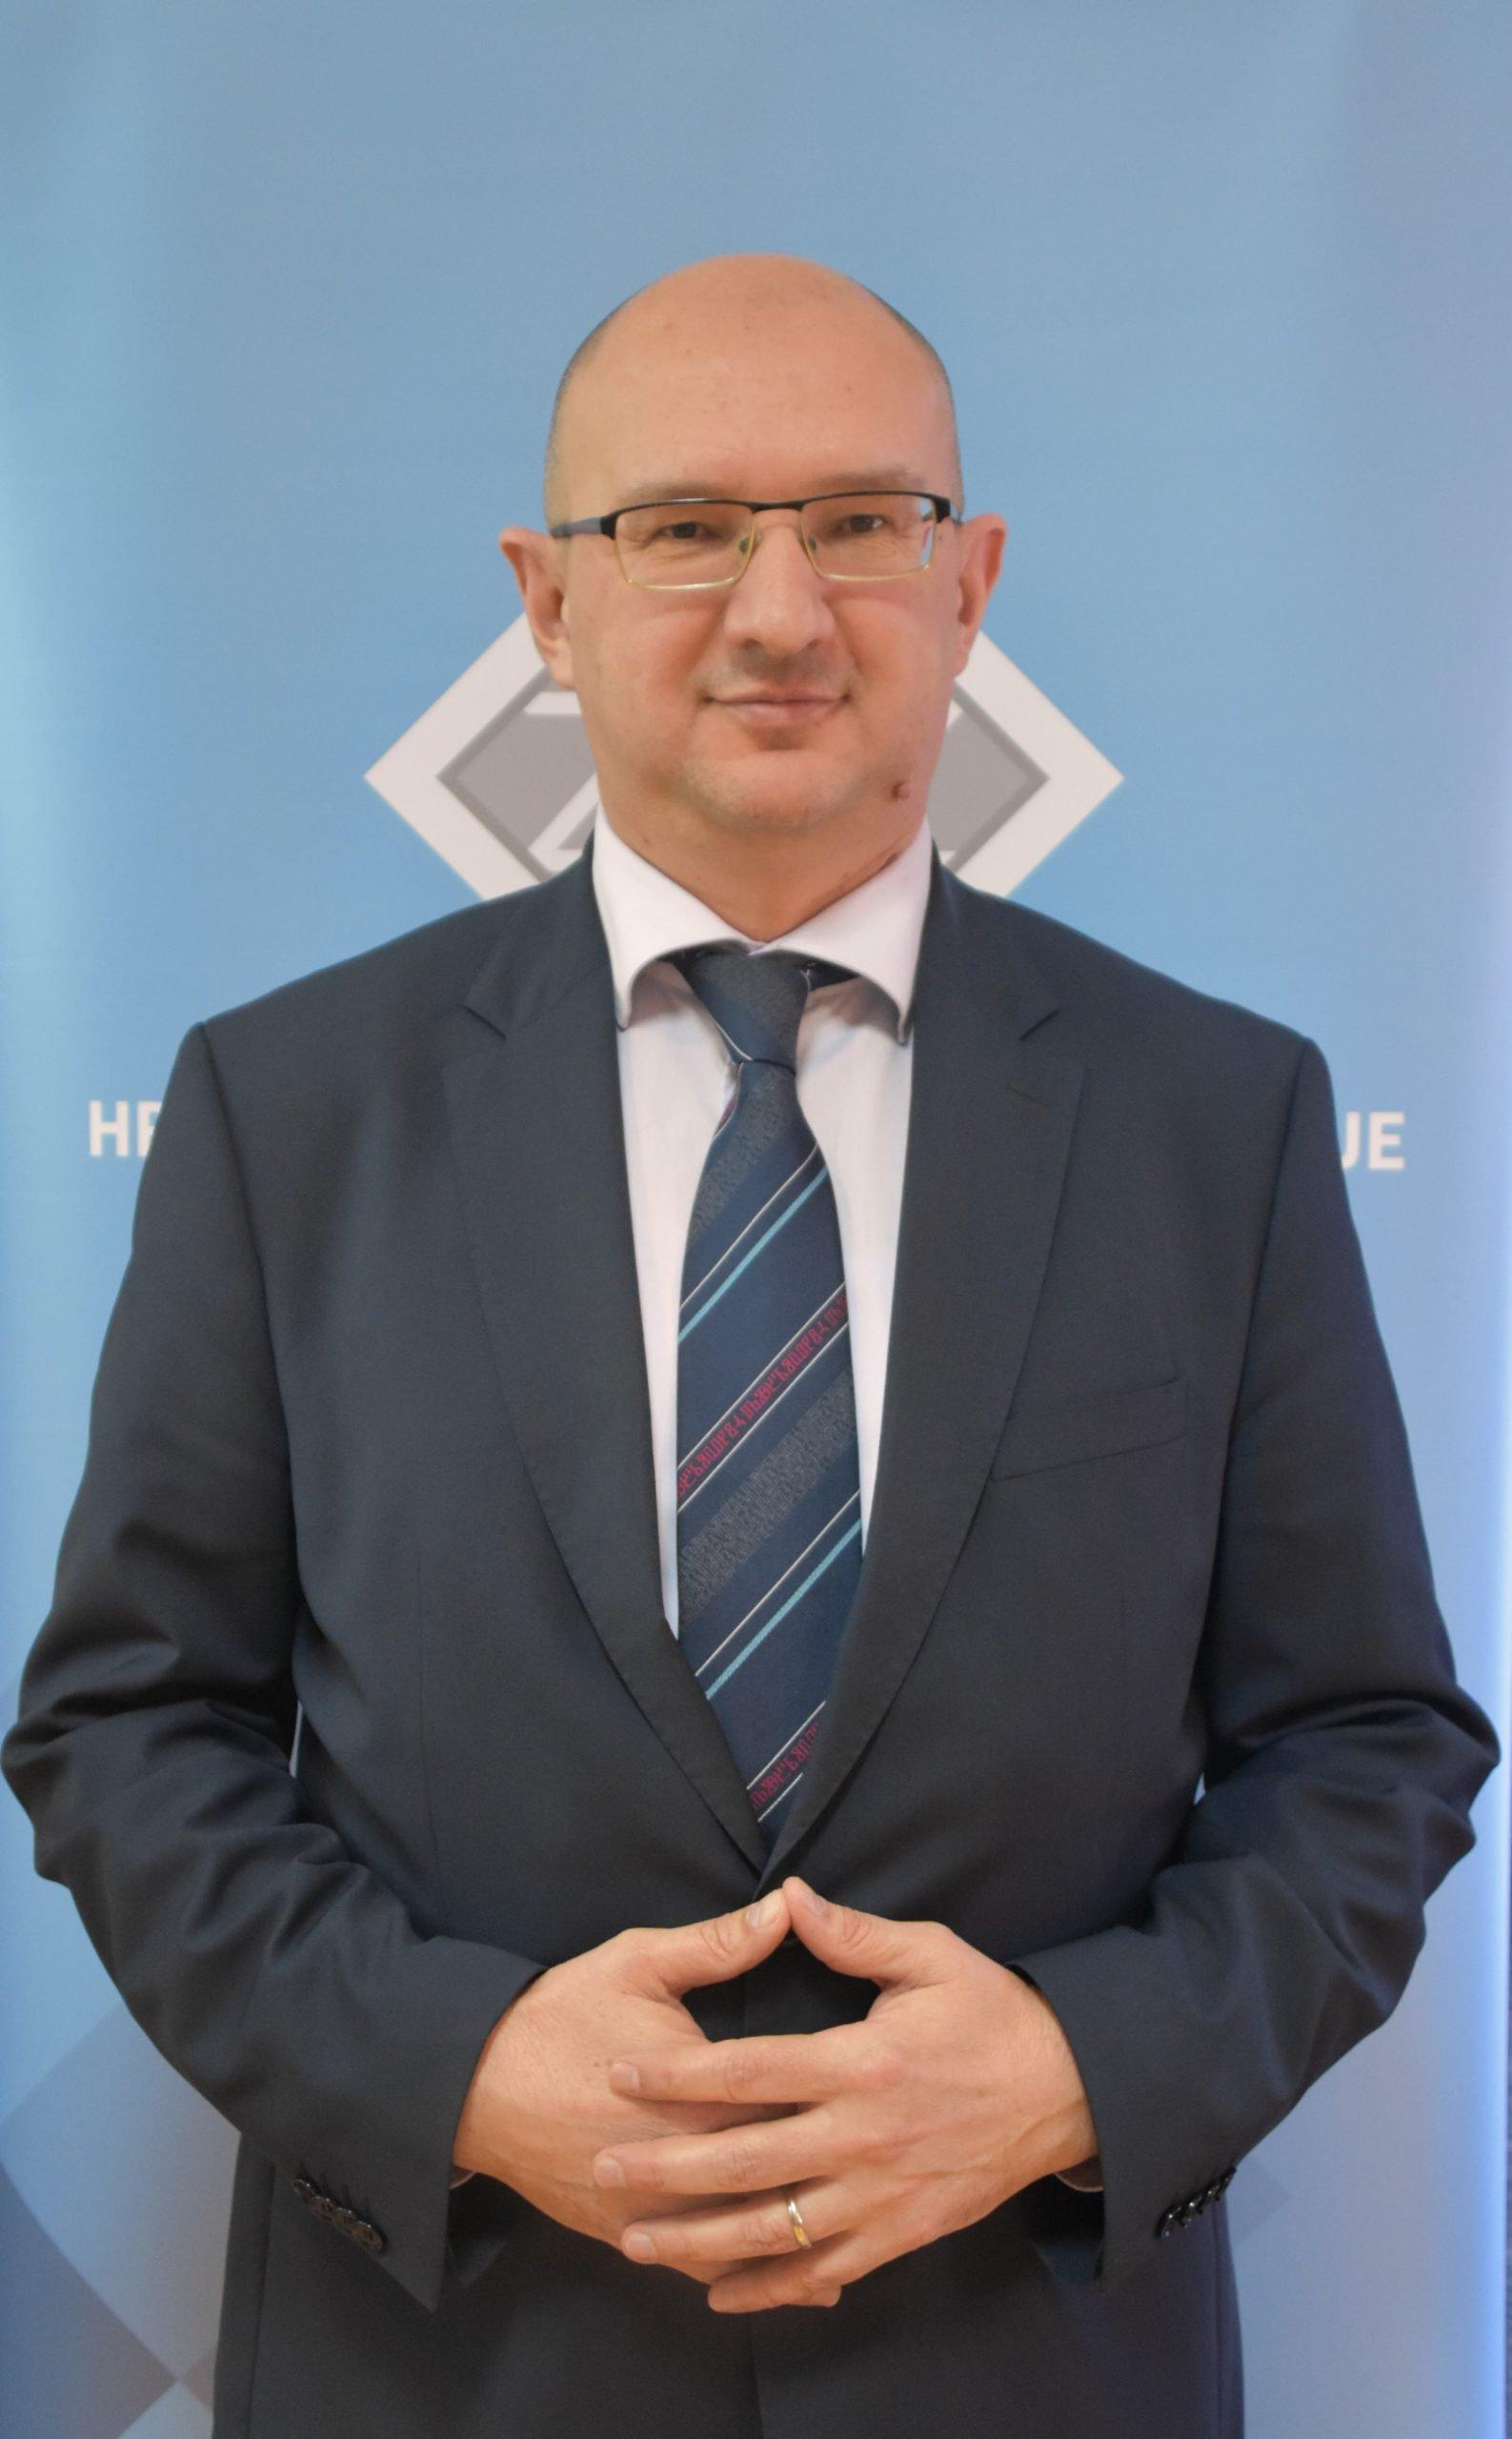 Croatia – Ante Lončar